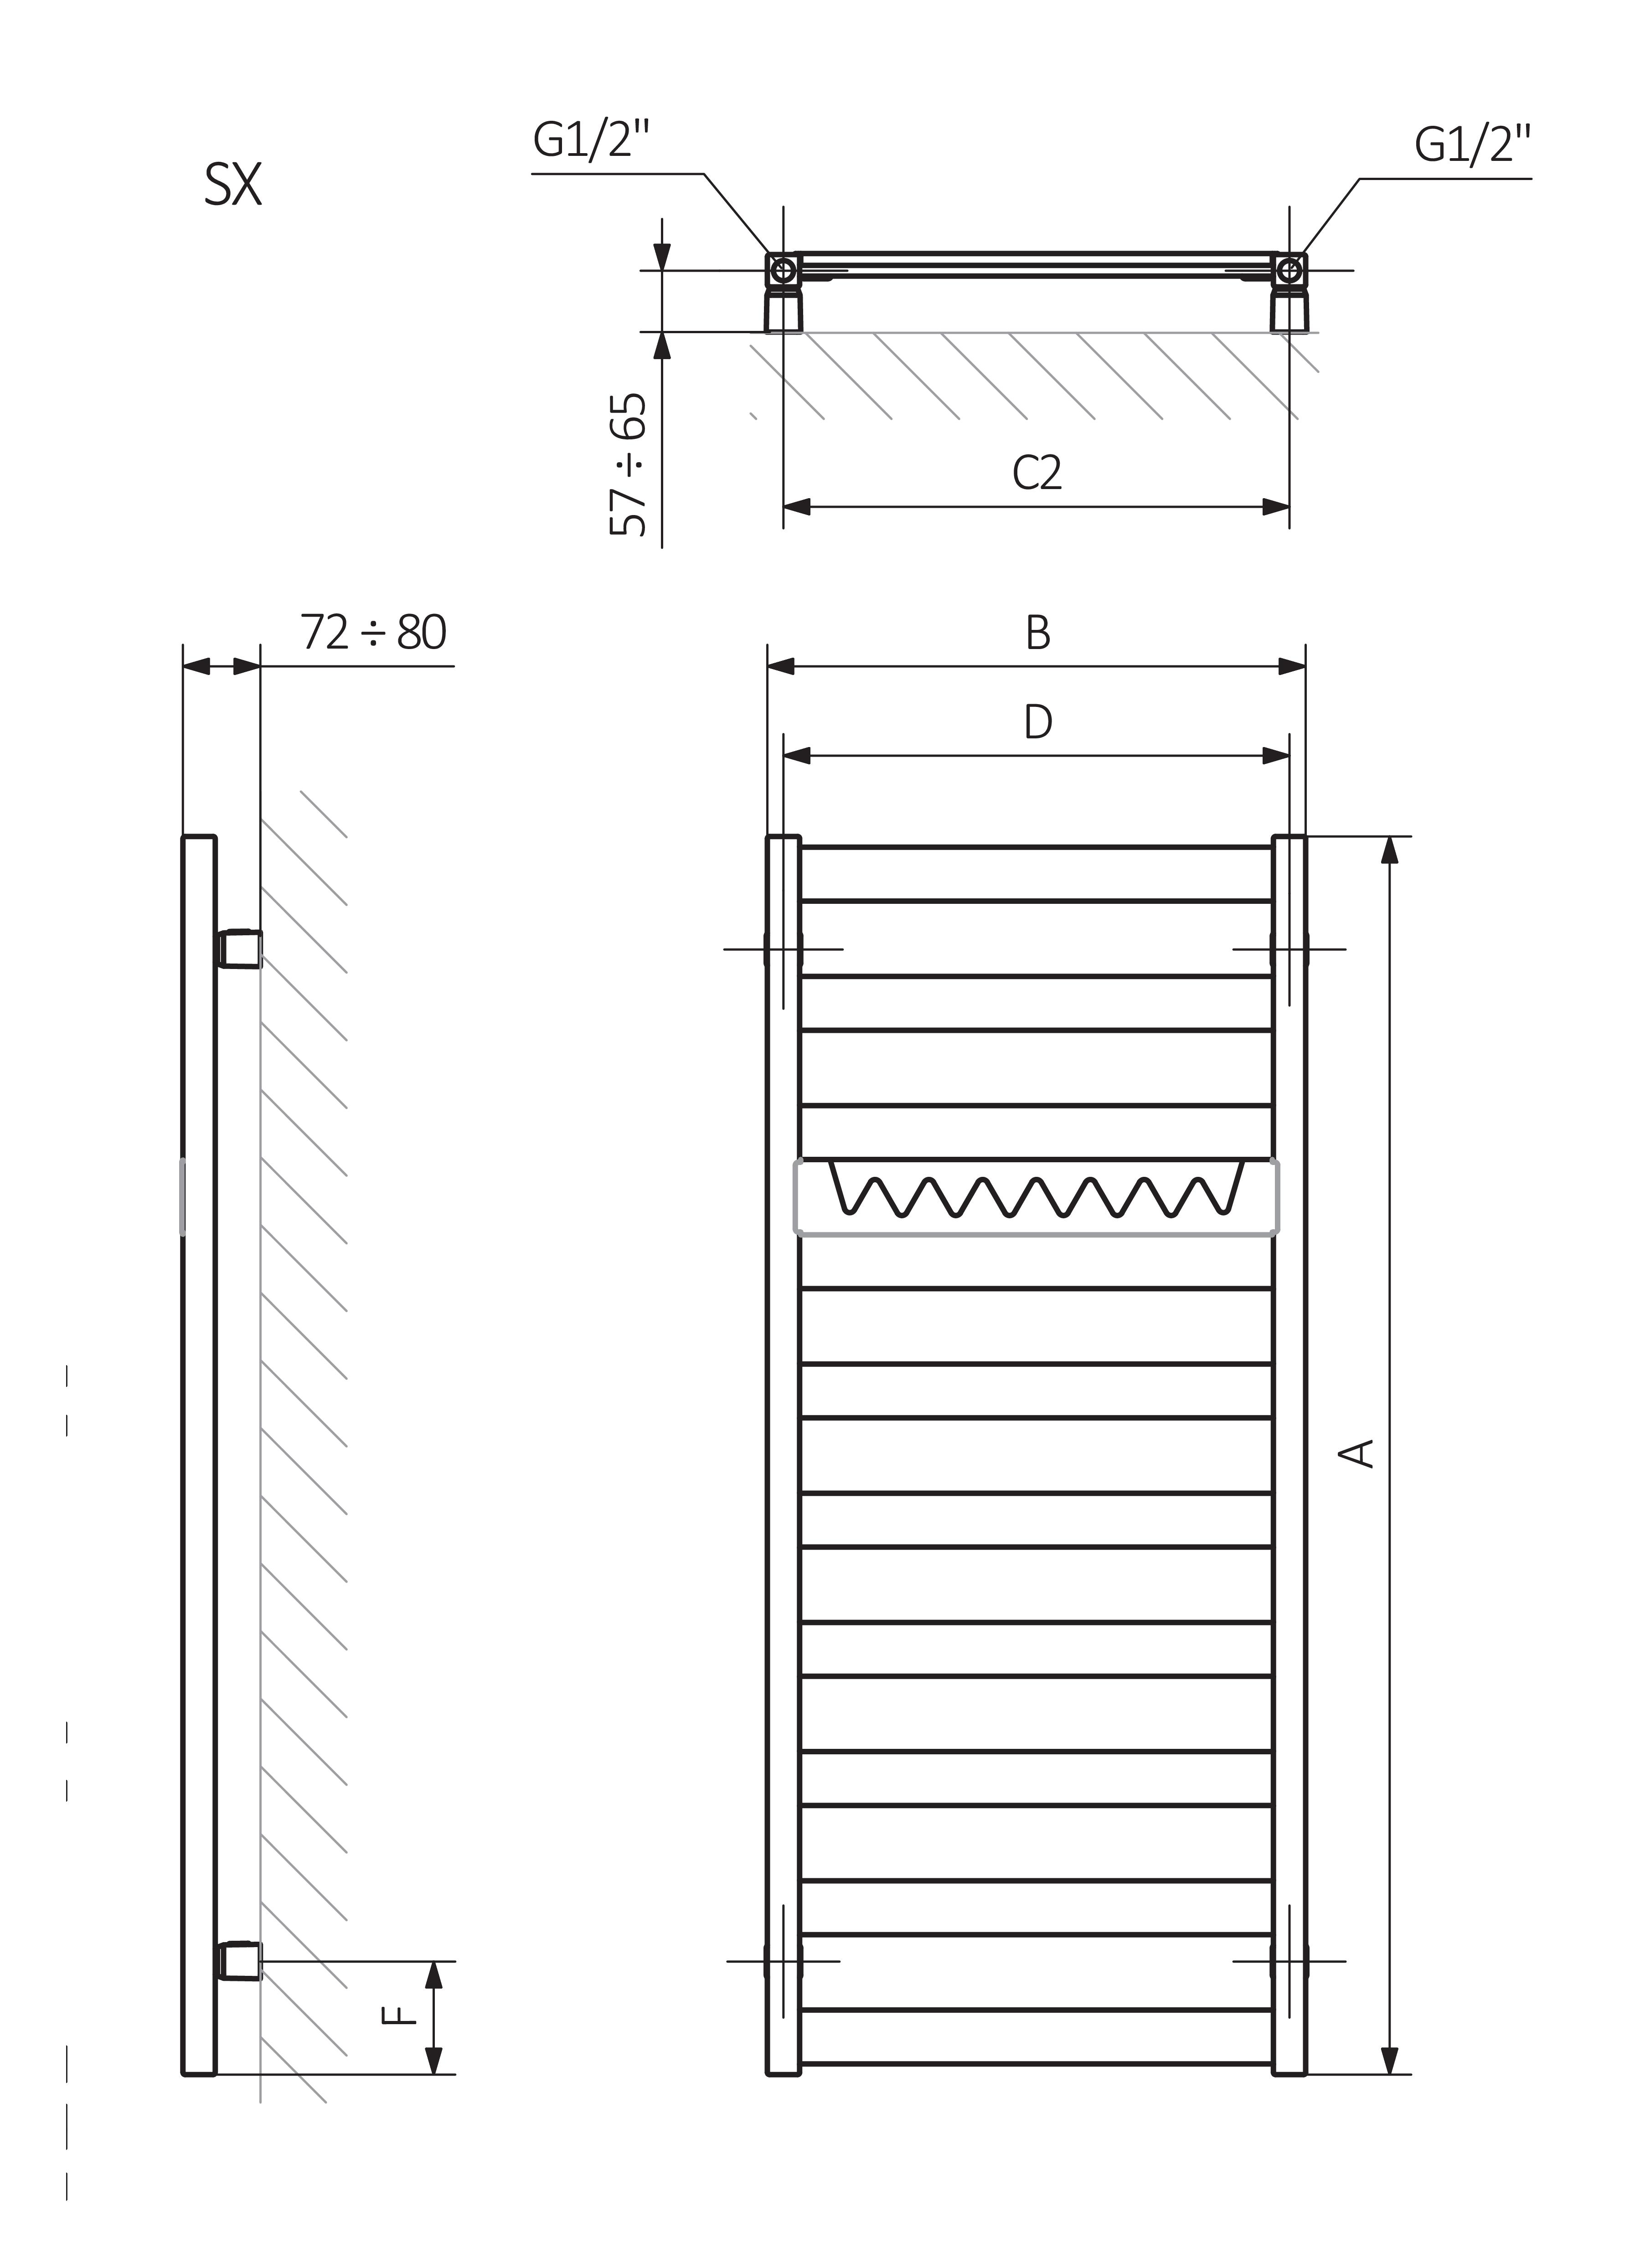 A - высота B - ширина C1-C5 - расстояние между стыками D - расстояние между анкерами в горизонтальном E - расстояние между опорами в вертикальном F - расстояние от нижней оси точек крепления до нижнего края коллектора